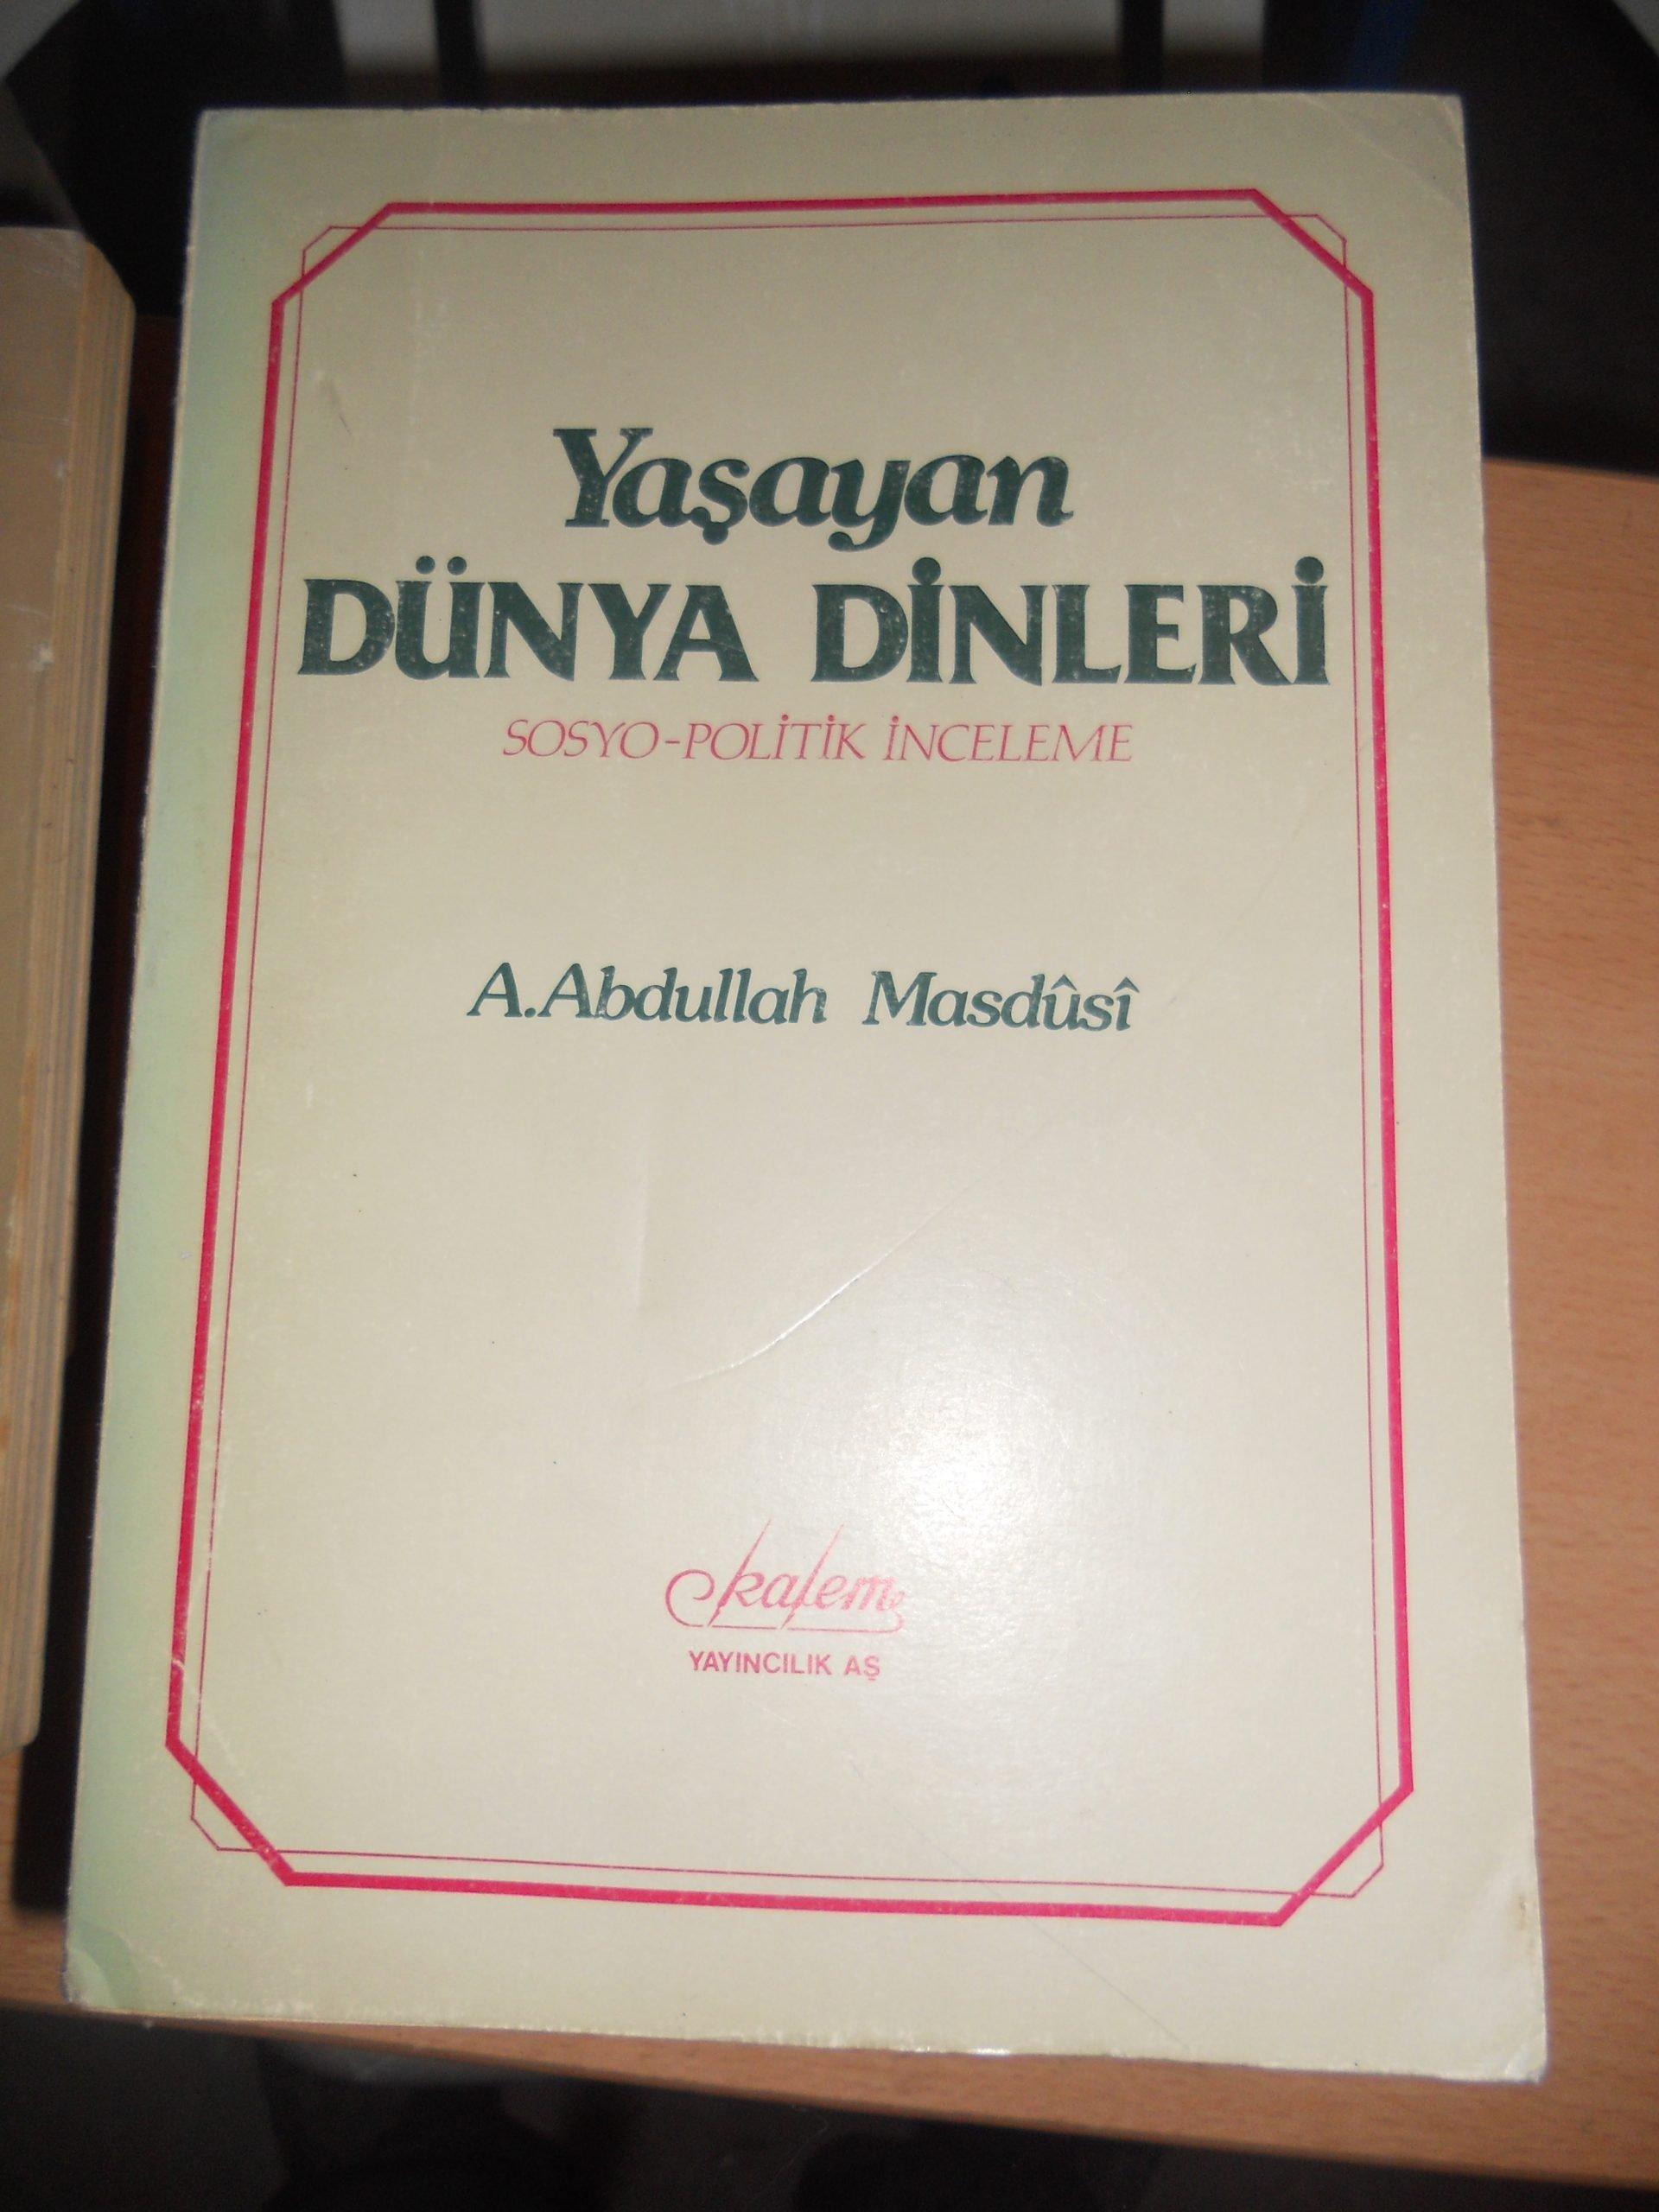 YAŞAYAN DÜNYA DİNLERİ (Sosyo-Politik bir inceleme)/ A.Abdullah MASDUSİ/25 tl